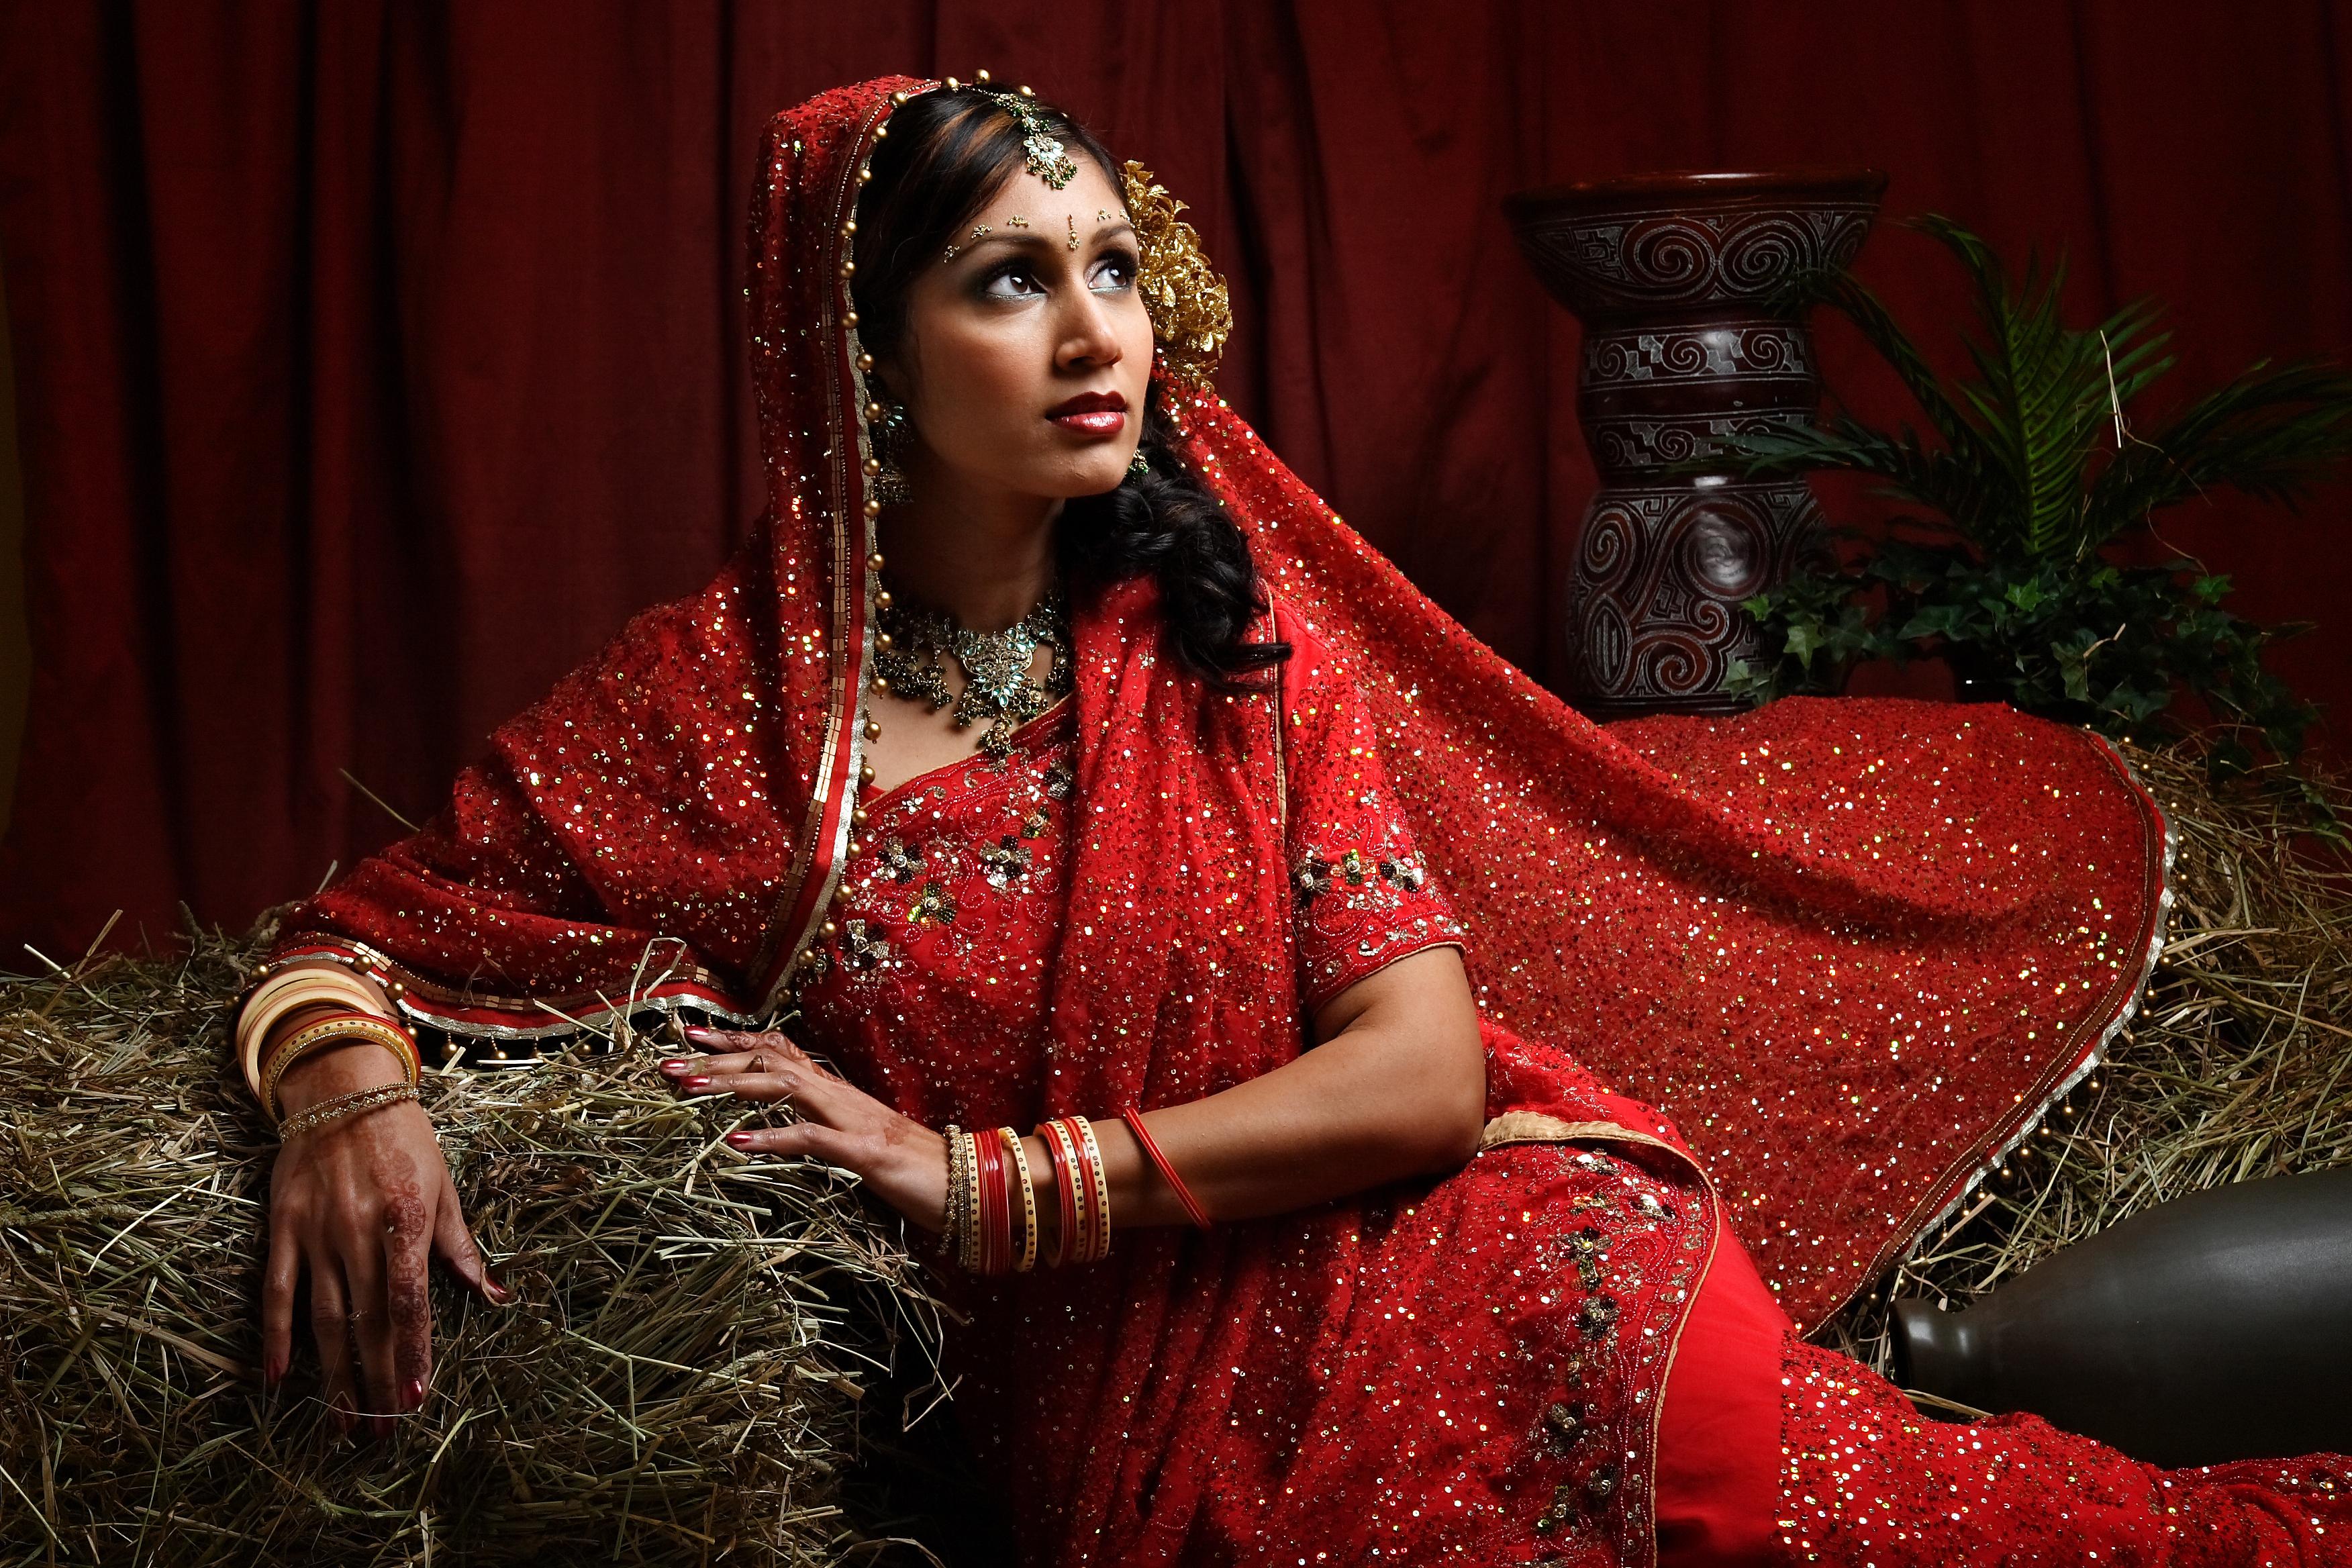 Фото девушка в образе индианки 23 фотография